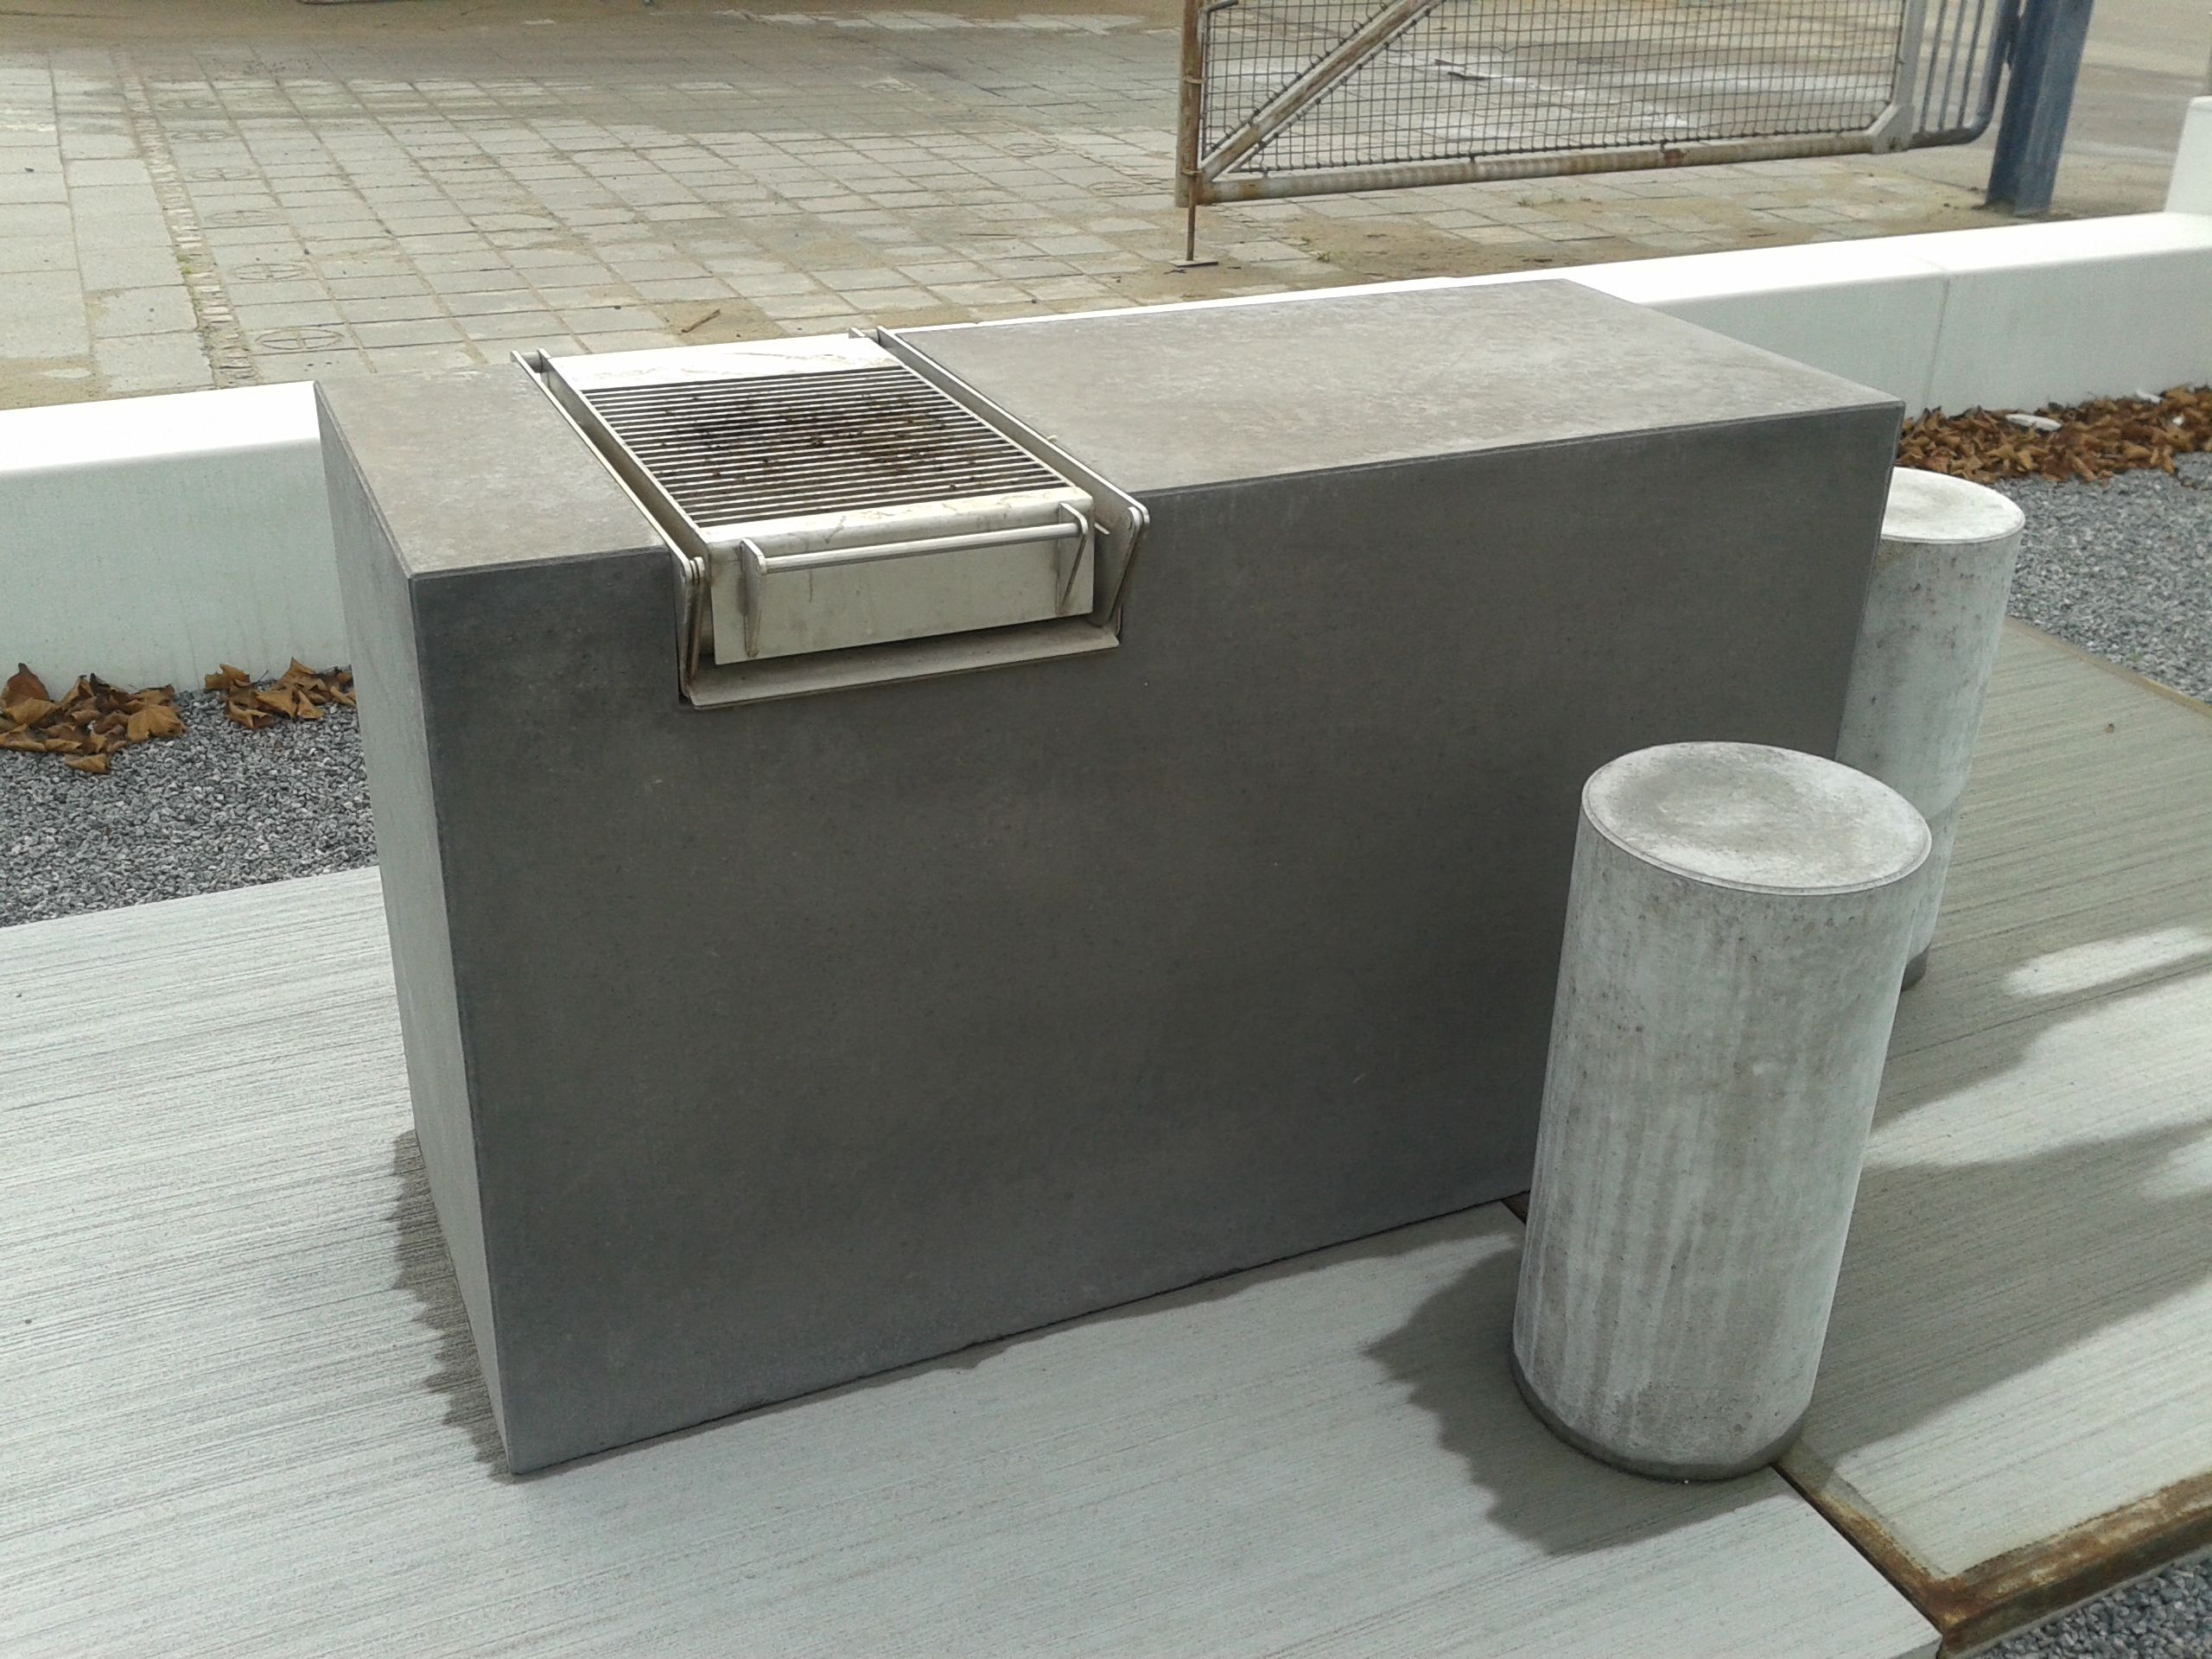 grill element cirkelserien special beton beton til anl g pinterest grilling. Black Bedroom Furniture Sets. Home Design Ideas